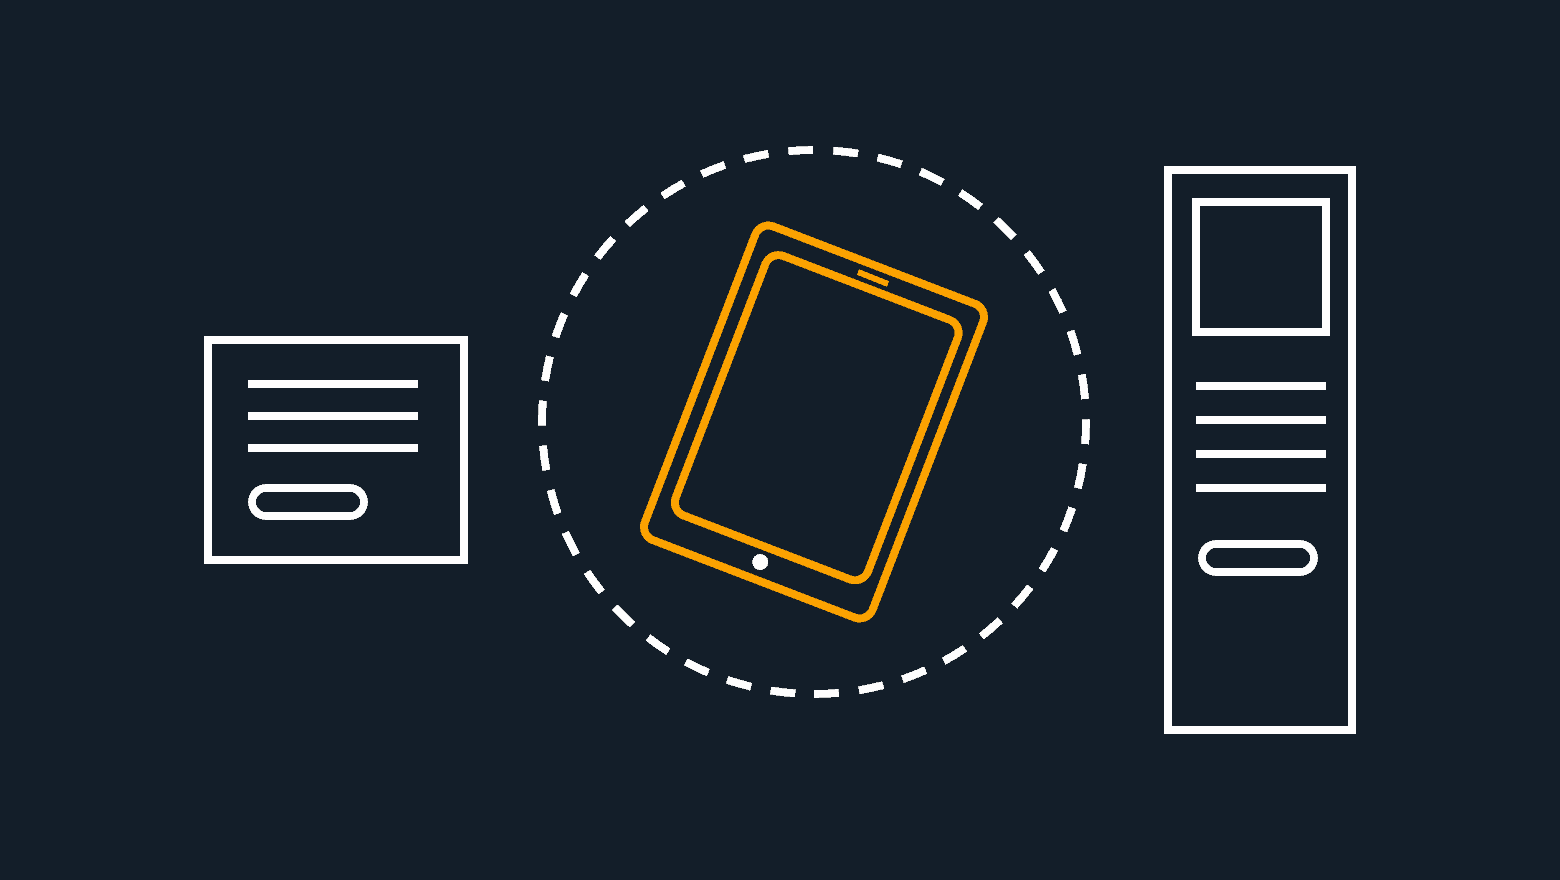 mobile ad sizes icon